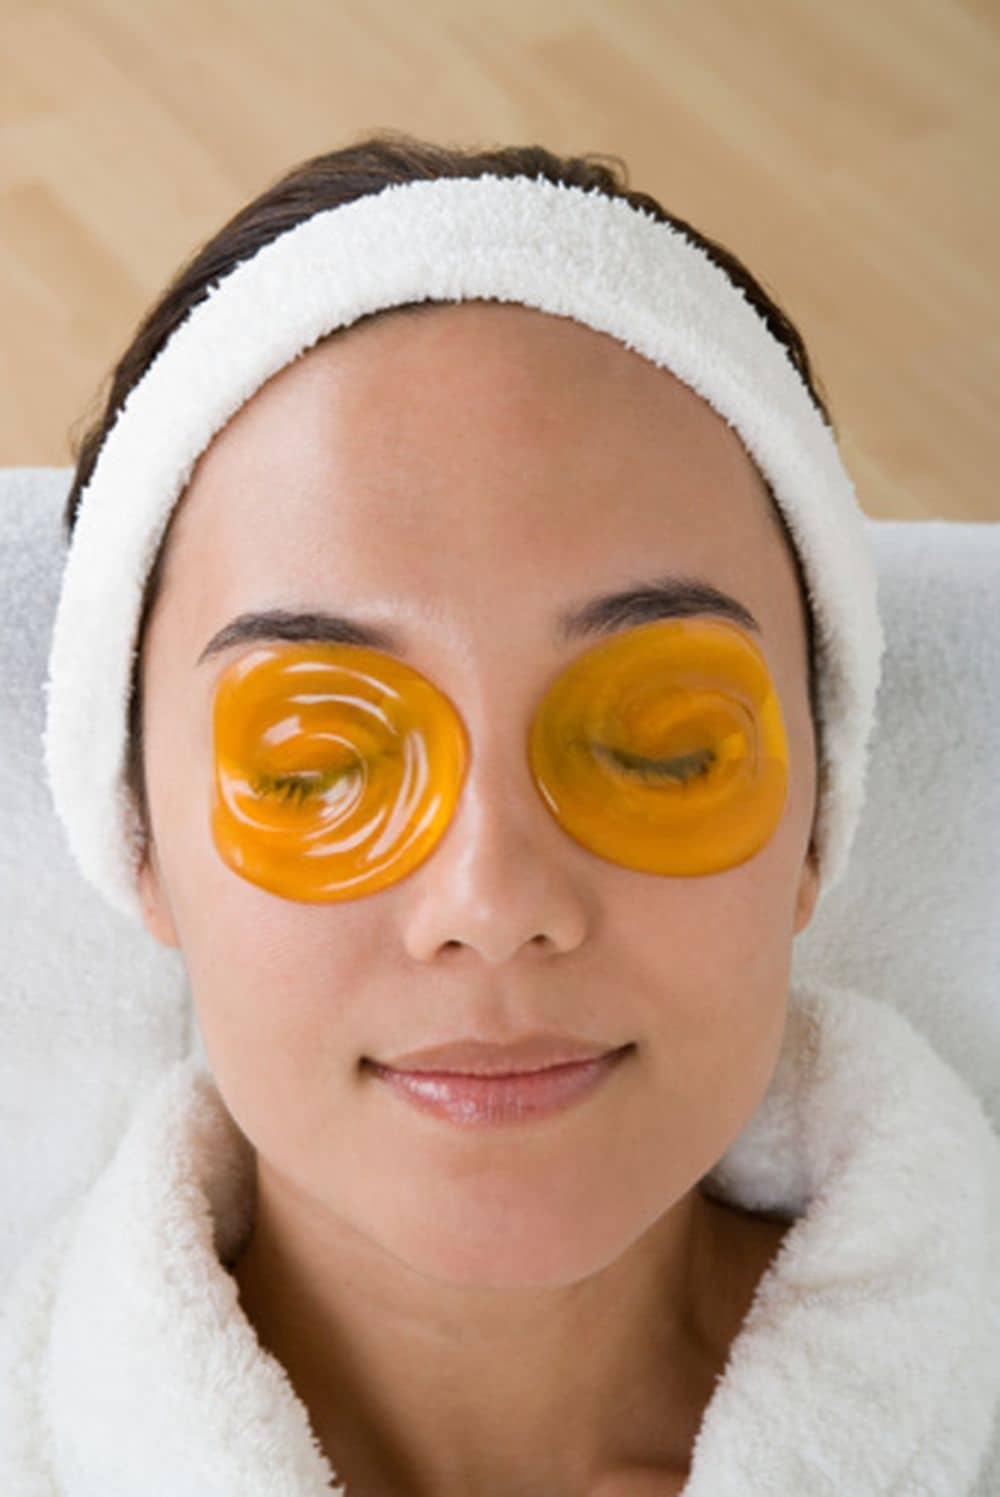 Кожа вокруг глаз требует особого ухода, так как на ней, в первую очередь, проявляются возрастные изменения и неправильный образ жизни